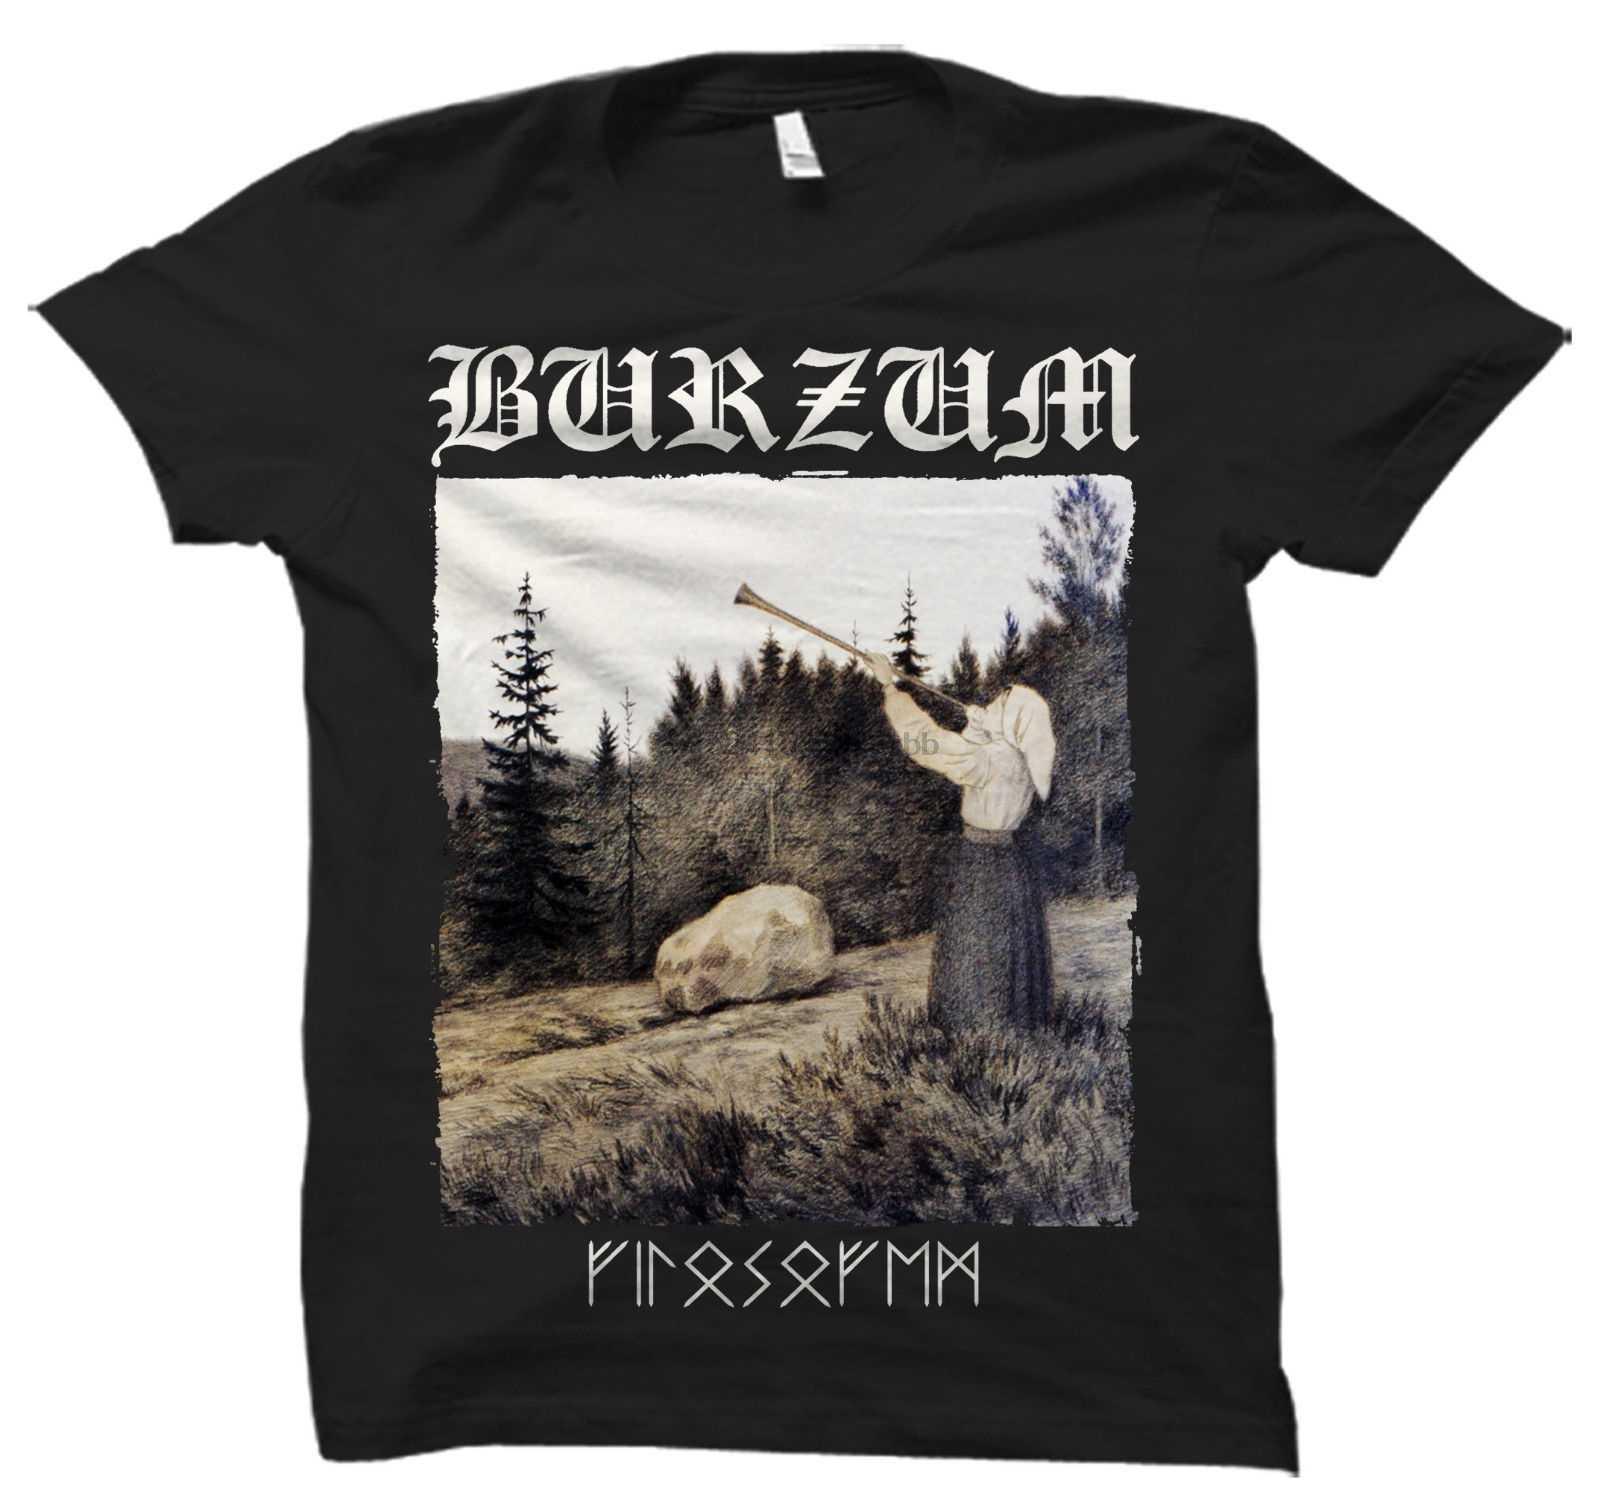 FILOSOFEM BRZM T SHIRT czarny Metal Mayhem darktrone Bathory Emperor nieśmiertelny mężczyzna topy Cool O Neck koszulka koszulka Plus rozmiar